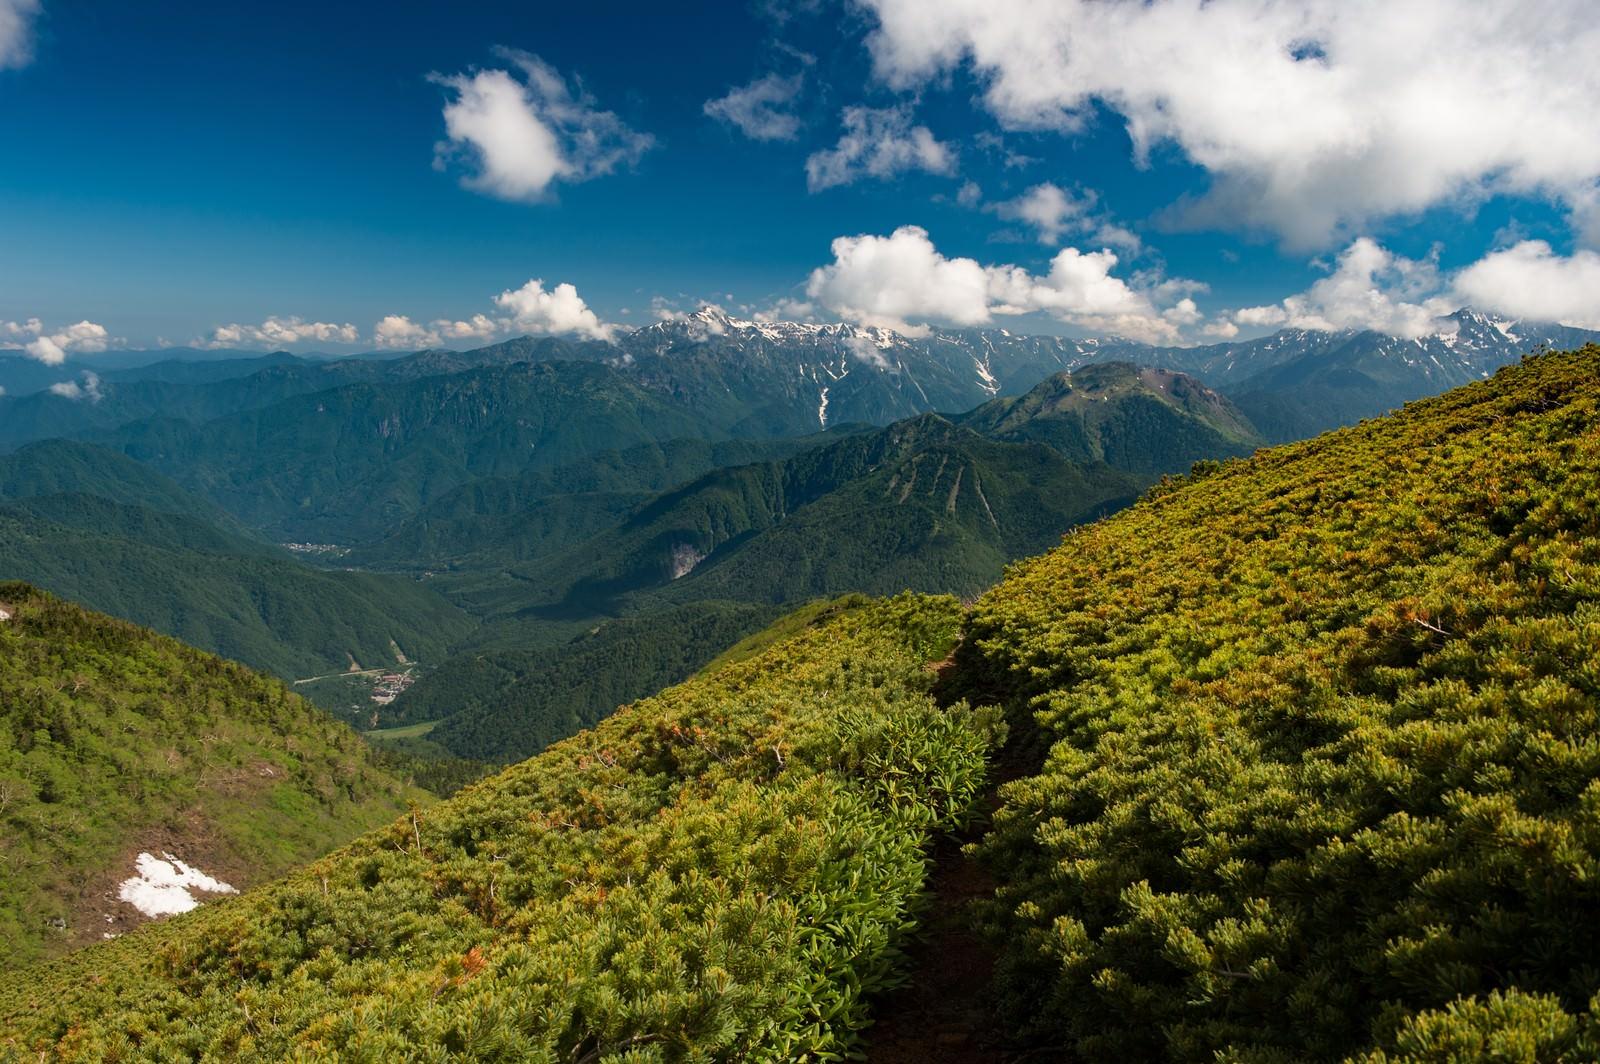 「乗鞍新登山道と北アルプスの山」の写真